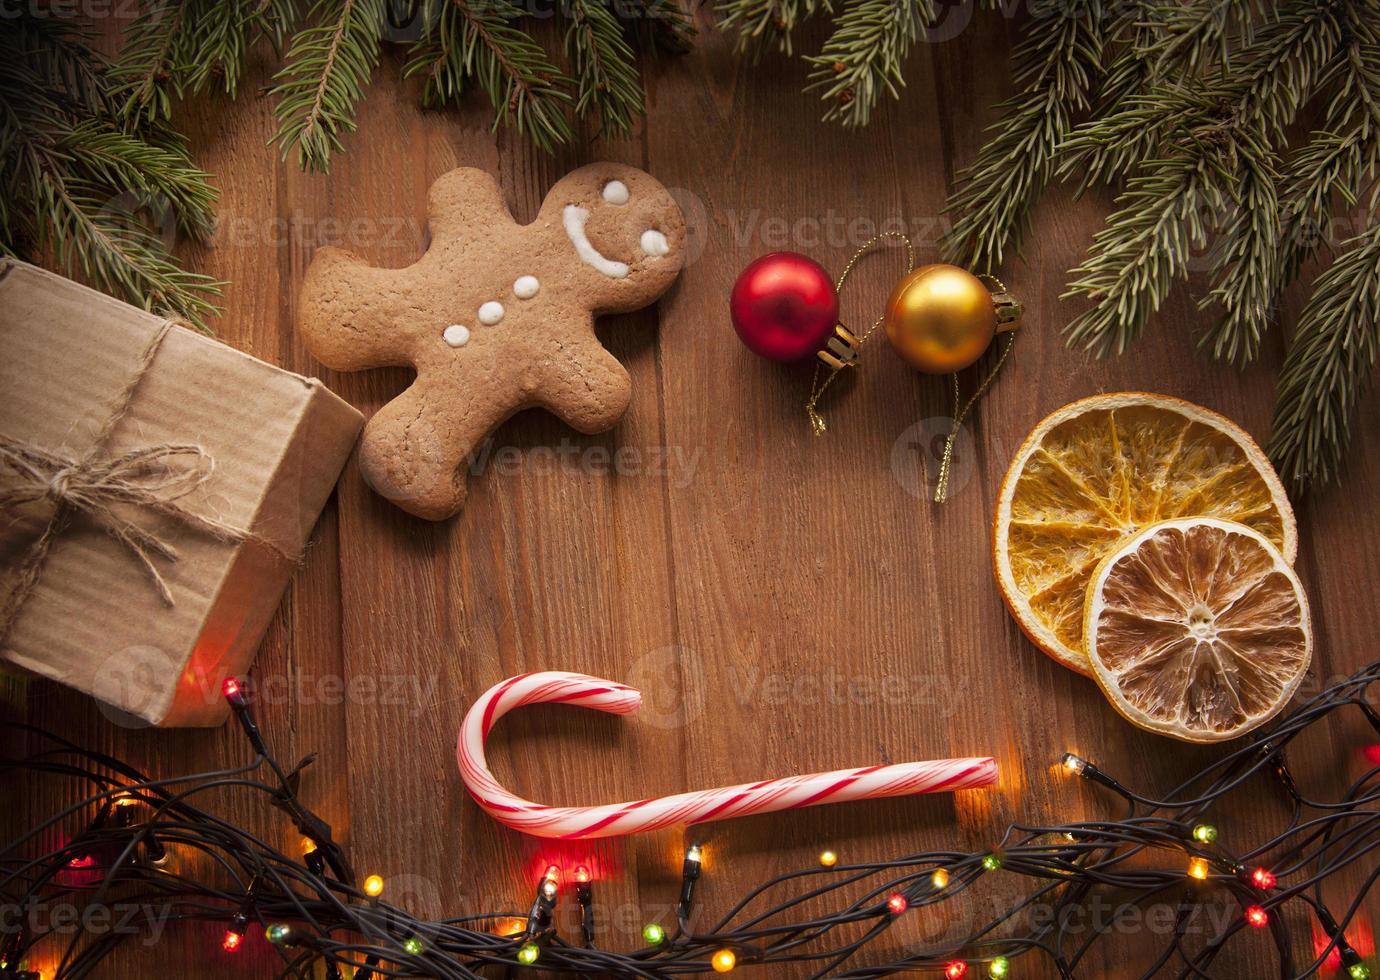 albero di Natale di pan di zenzero e regali sul tavolo foto